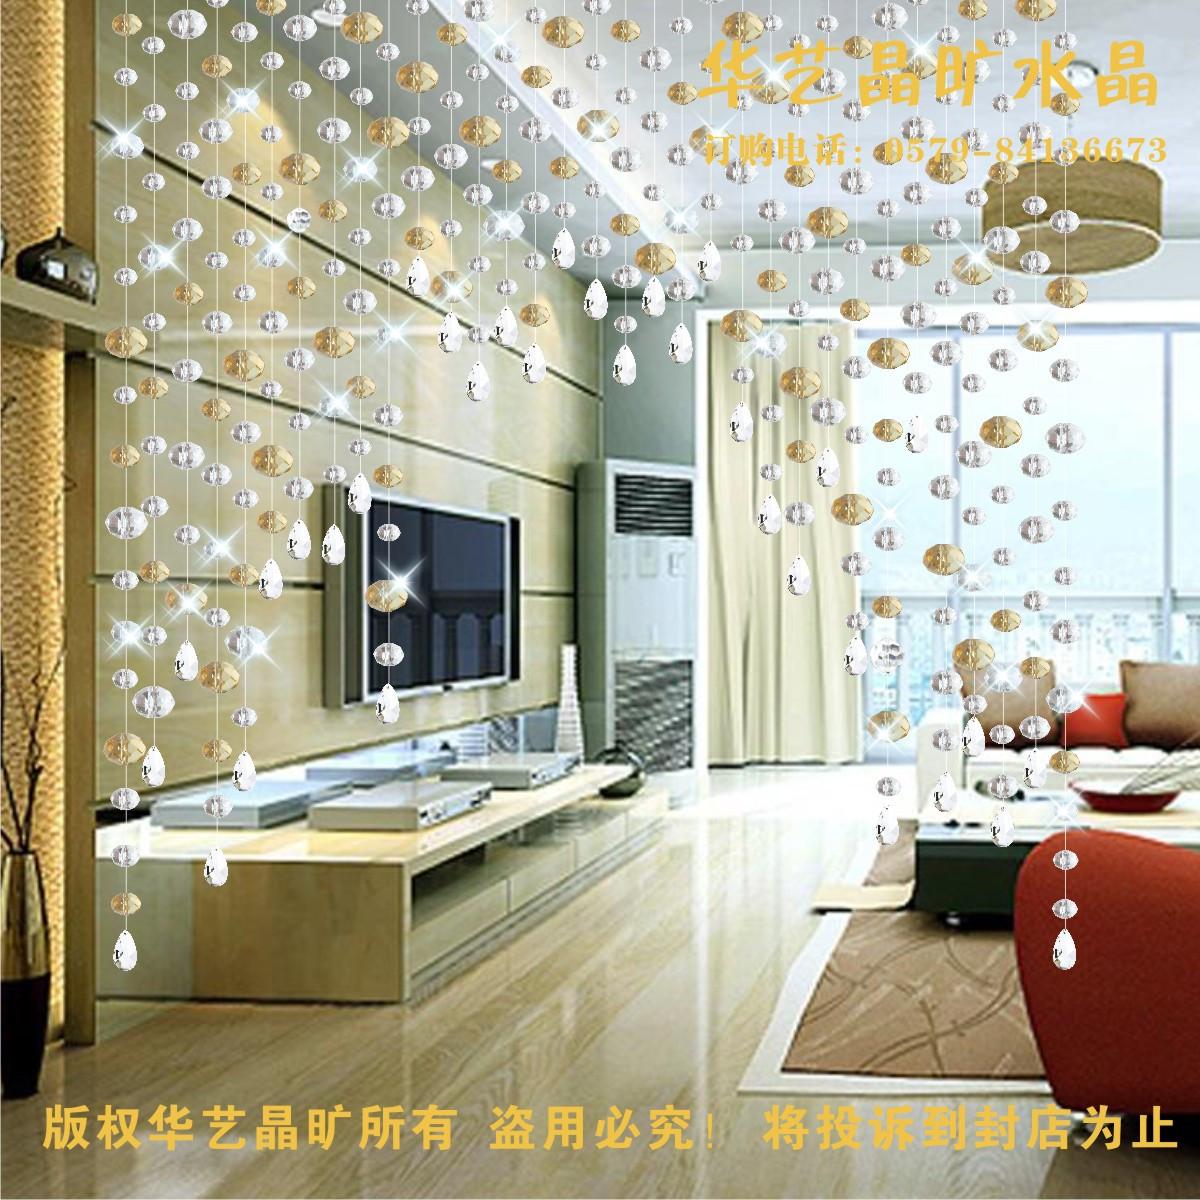 Cool rideau rideau de perles de cristal produit un rideau de sparation de luentre de la salle de for Idee separation studio